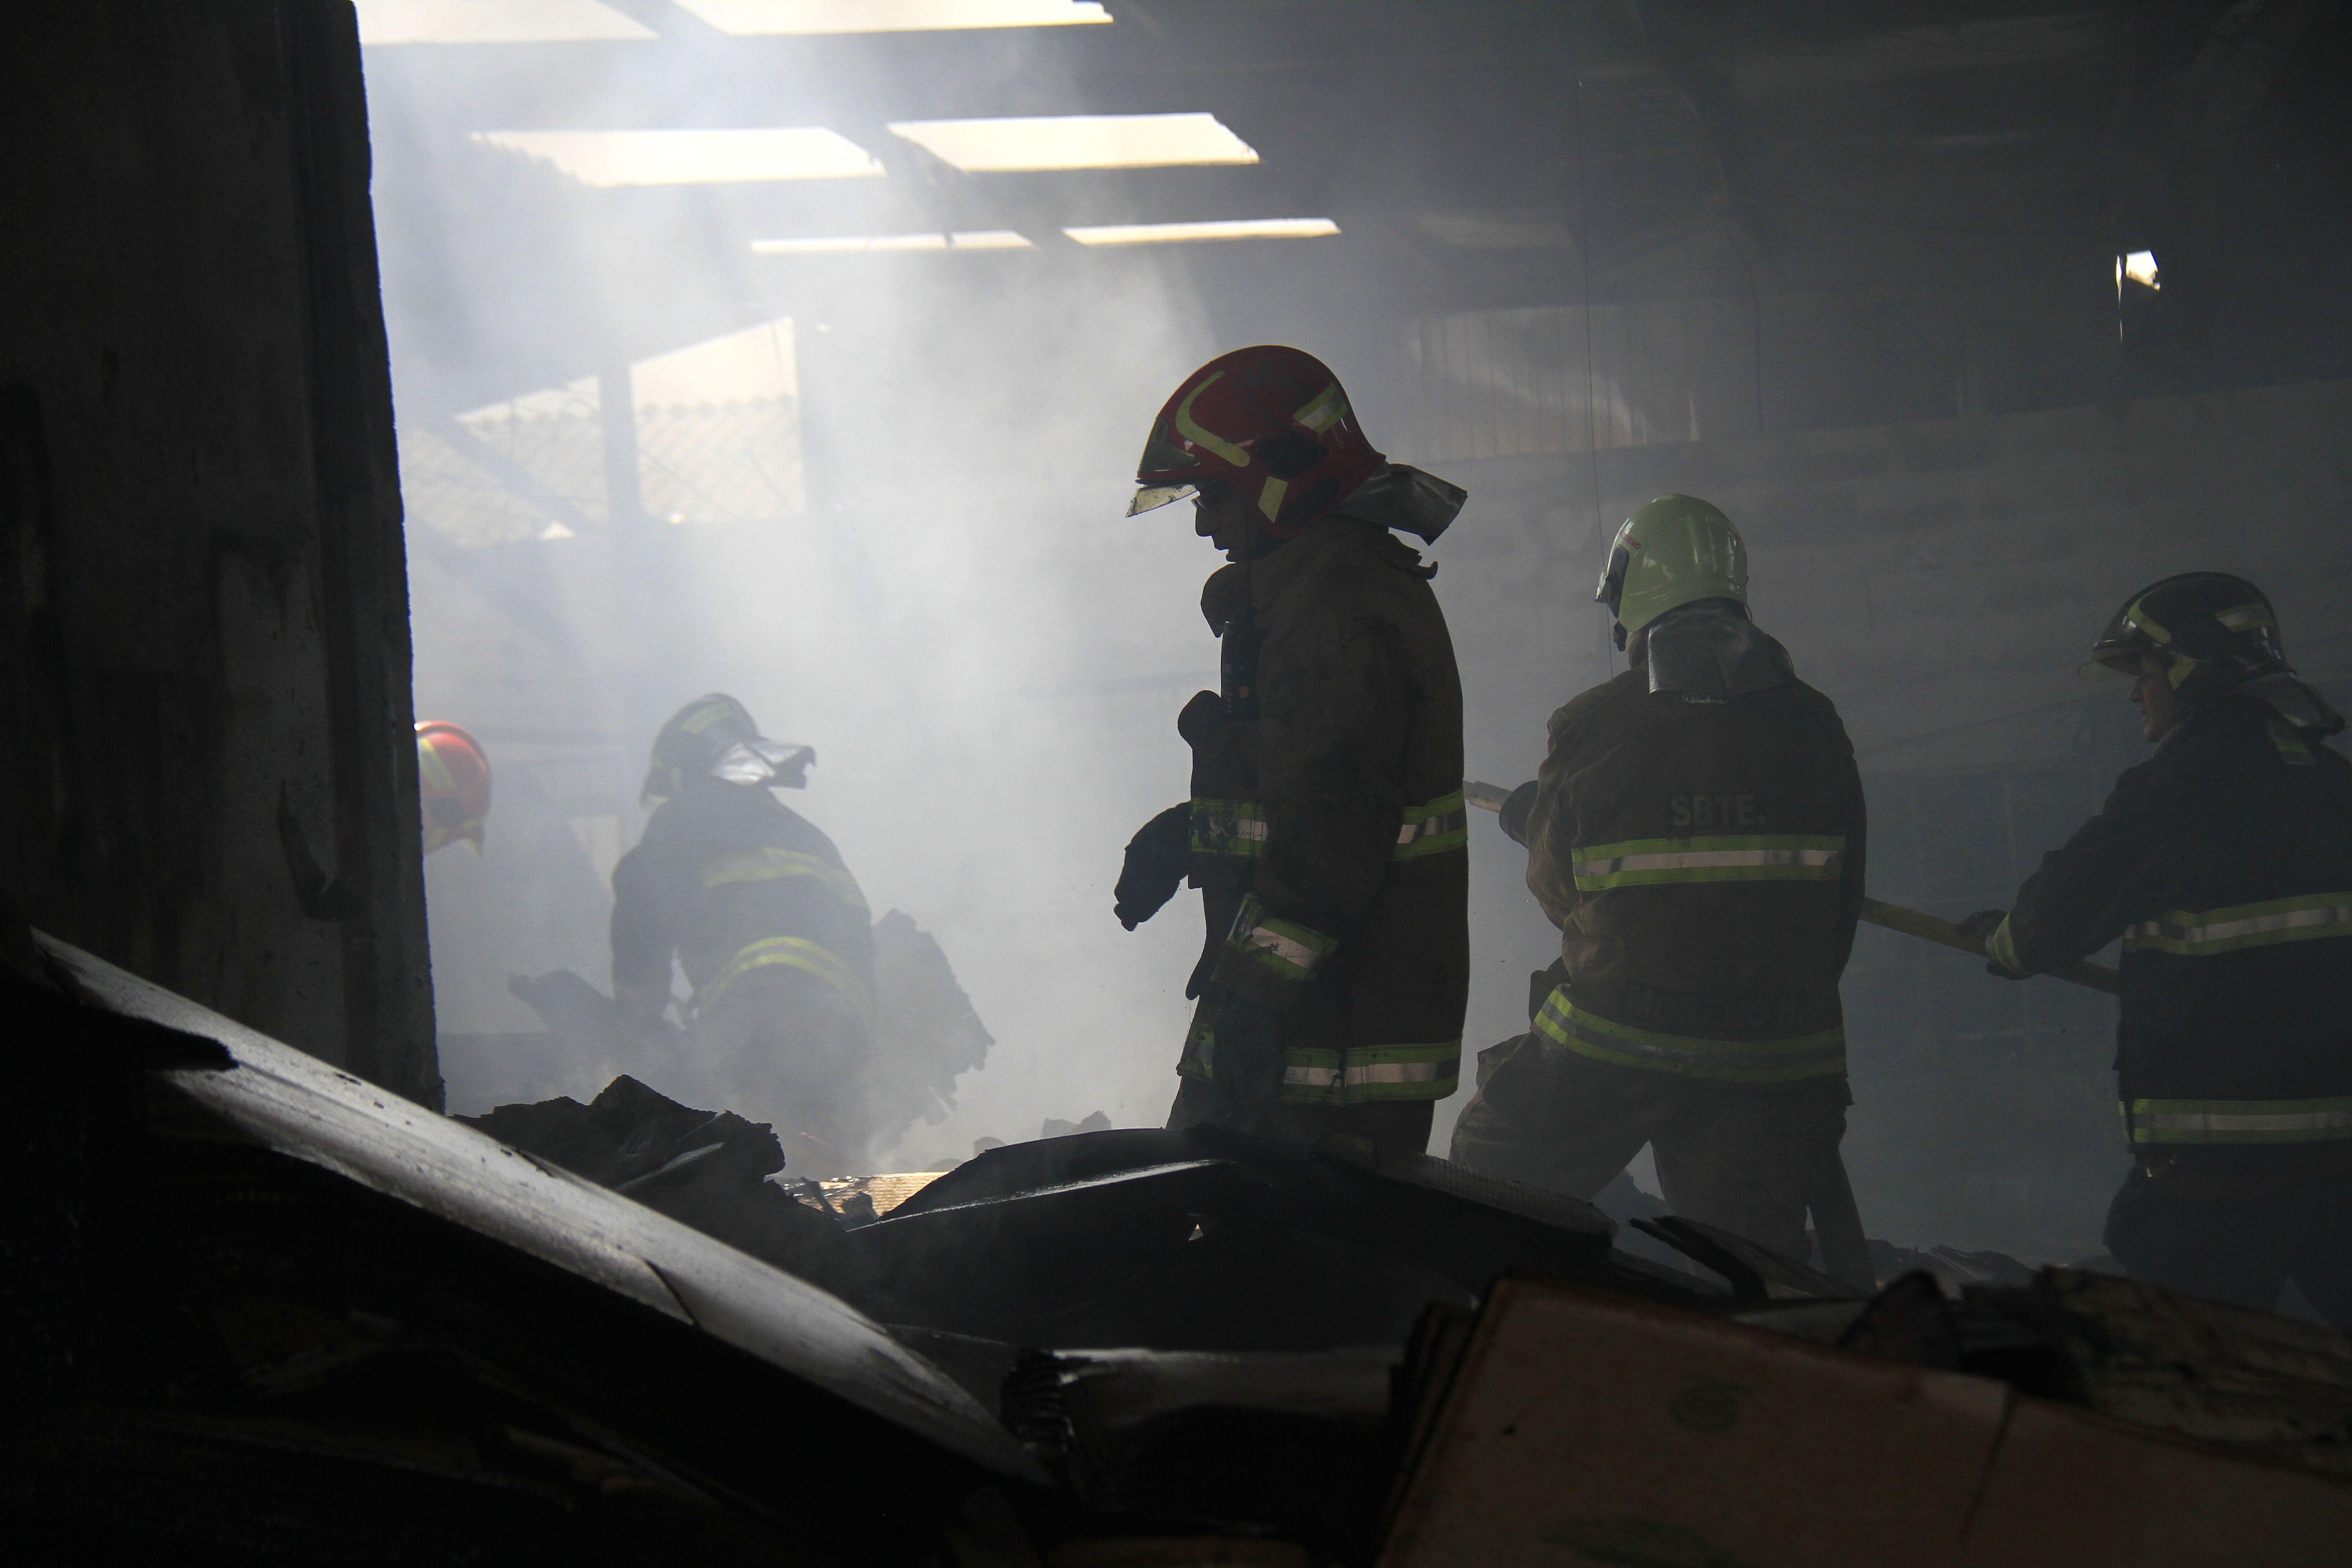 Bomberos inspeccionando el lugar luego del incendio.